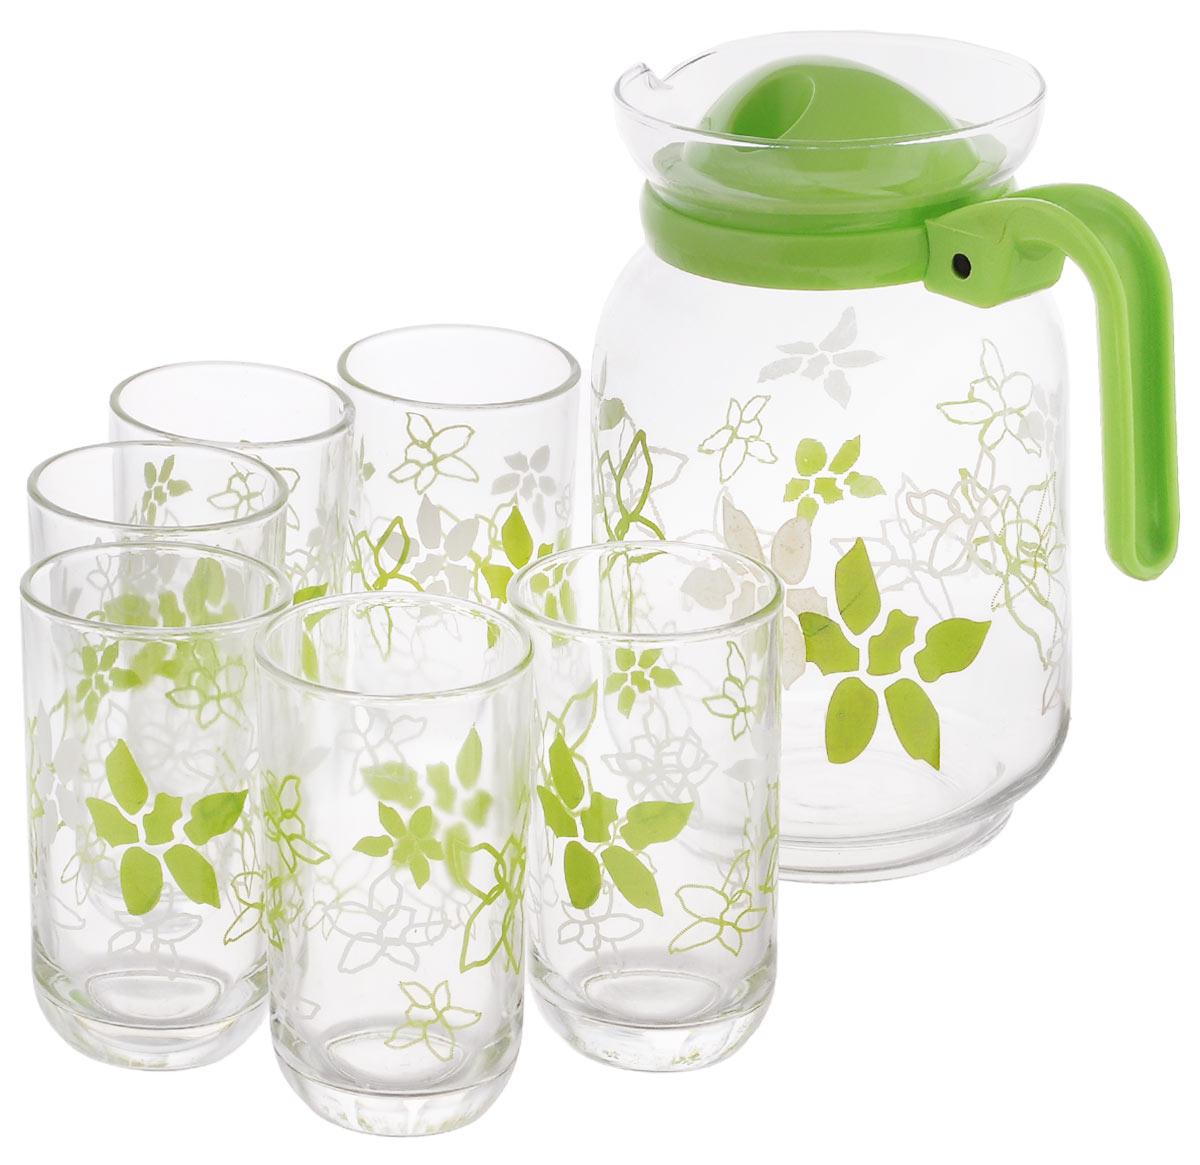 Набор для сока Miolla Лилия, цвет: прозрачный, зеленый, 7 предметов2009009U_зеленыйНабор для сока Miolla Лилия выполнен из высококачественного стекла. Набор состоит из кувшина с пластиковой крышкой и 6 стаканов. Графин и стаканы выполнены в оригинальном дизайне и украсят любой праздничный стол. Благодаря такому набору пить напитки будет еще вкуснее. Набор для сока Miolla Лилия станет также отличным подарком на любой праздник. Высота кувшина: 21 см. Объем кувшина: 1,7 л. Диаметр кувшина по верхнему краю: 10,5 см. Диаметр дна кувшина: 9 см. Высота стакана: 11,5 см. Объем стакана: 250 мл. Диаметр стакана по верхнему краю: 6,5 см. Диаметр дна стакана: 4,5 см.